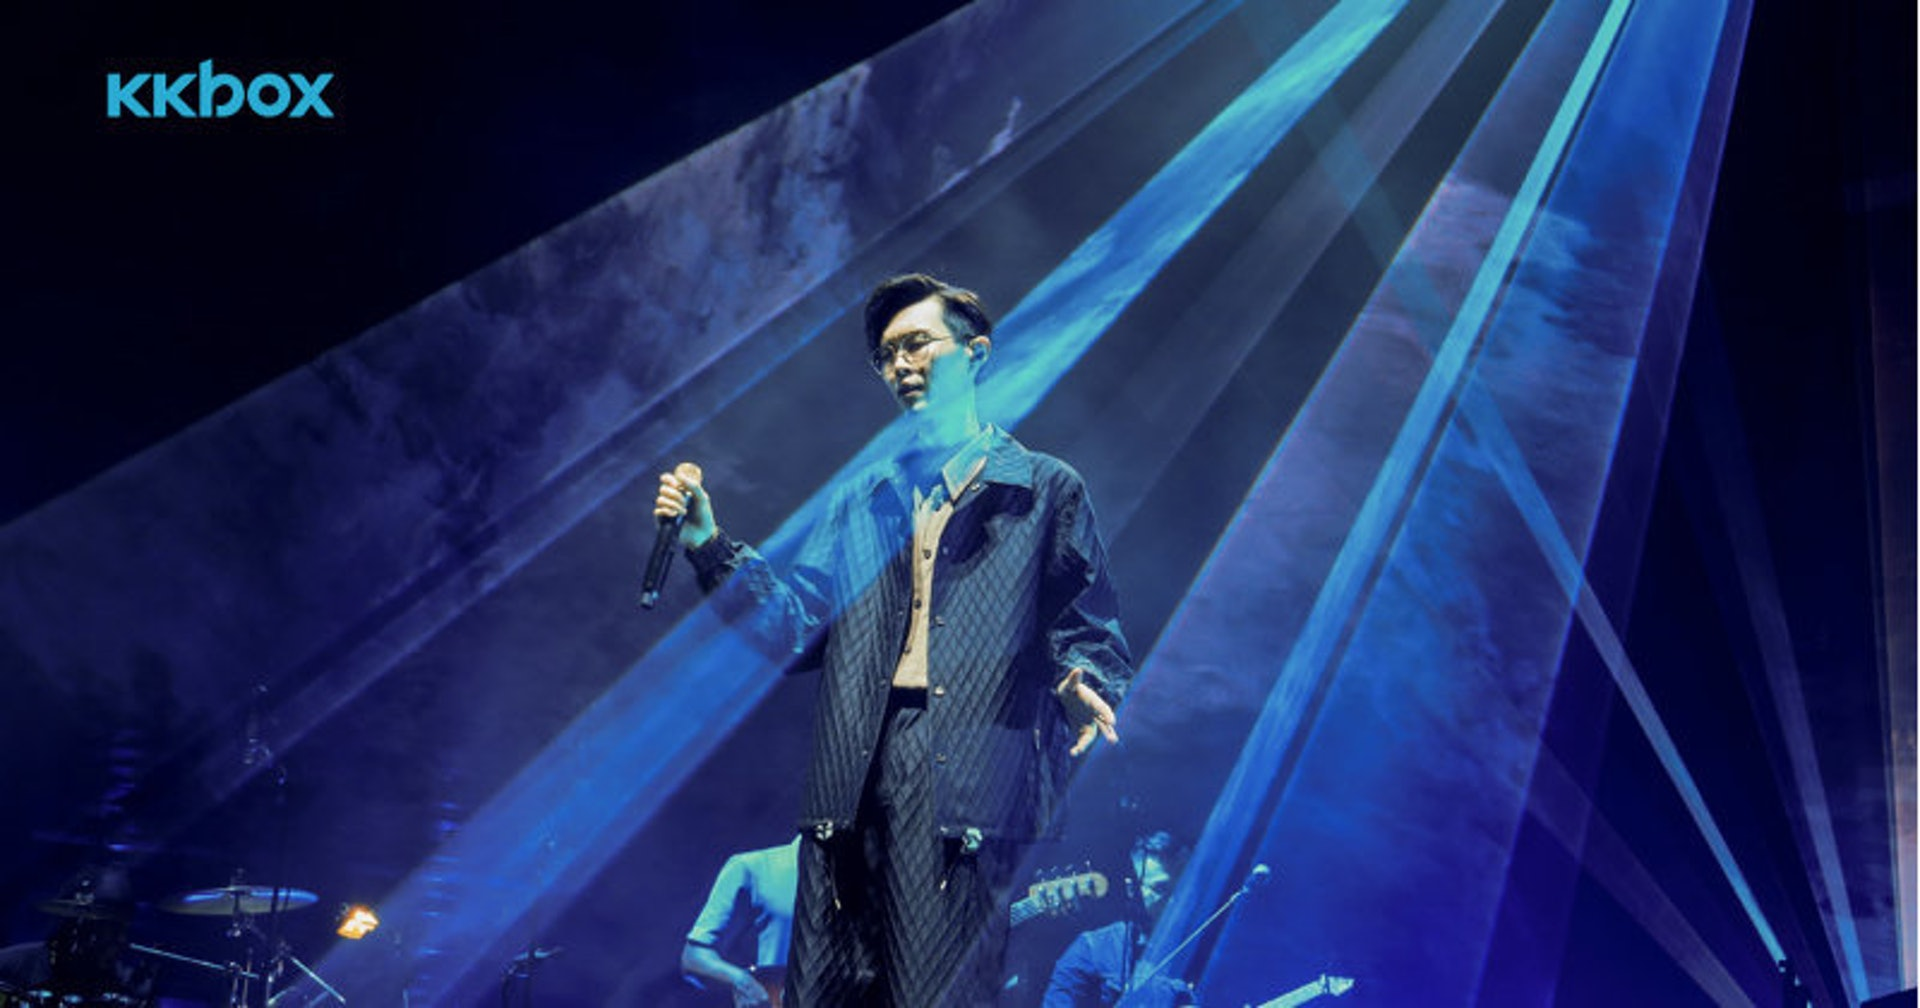 方大同近年減產,鮮少曝光。暌違五年的「TIO靈心之子巡迴演唱會」紅館香港站是他久經沉澱之作(KKBOX提供)